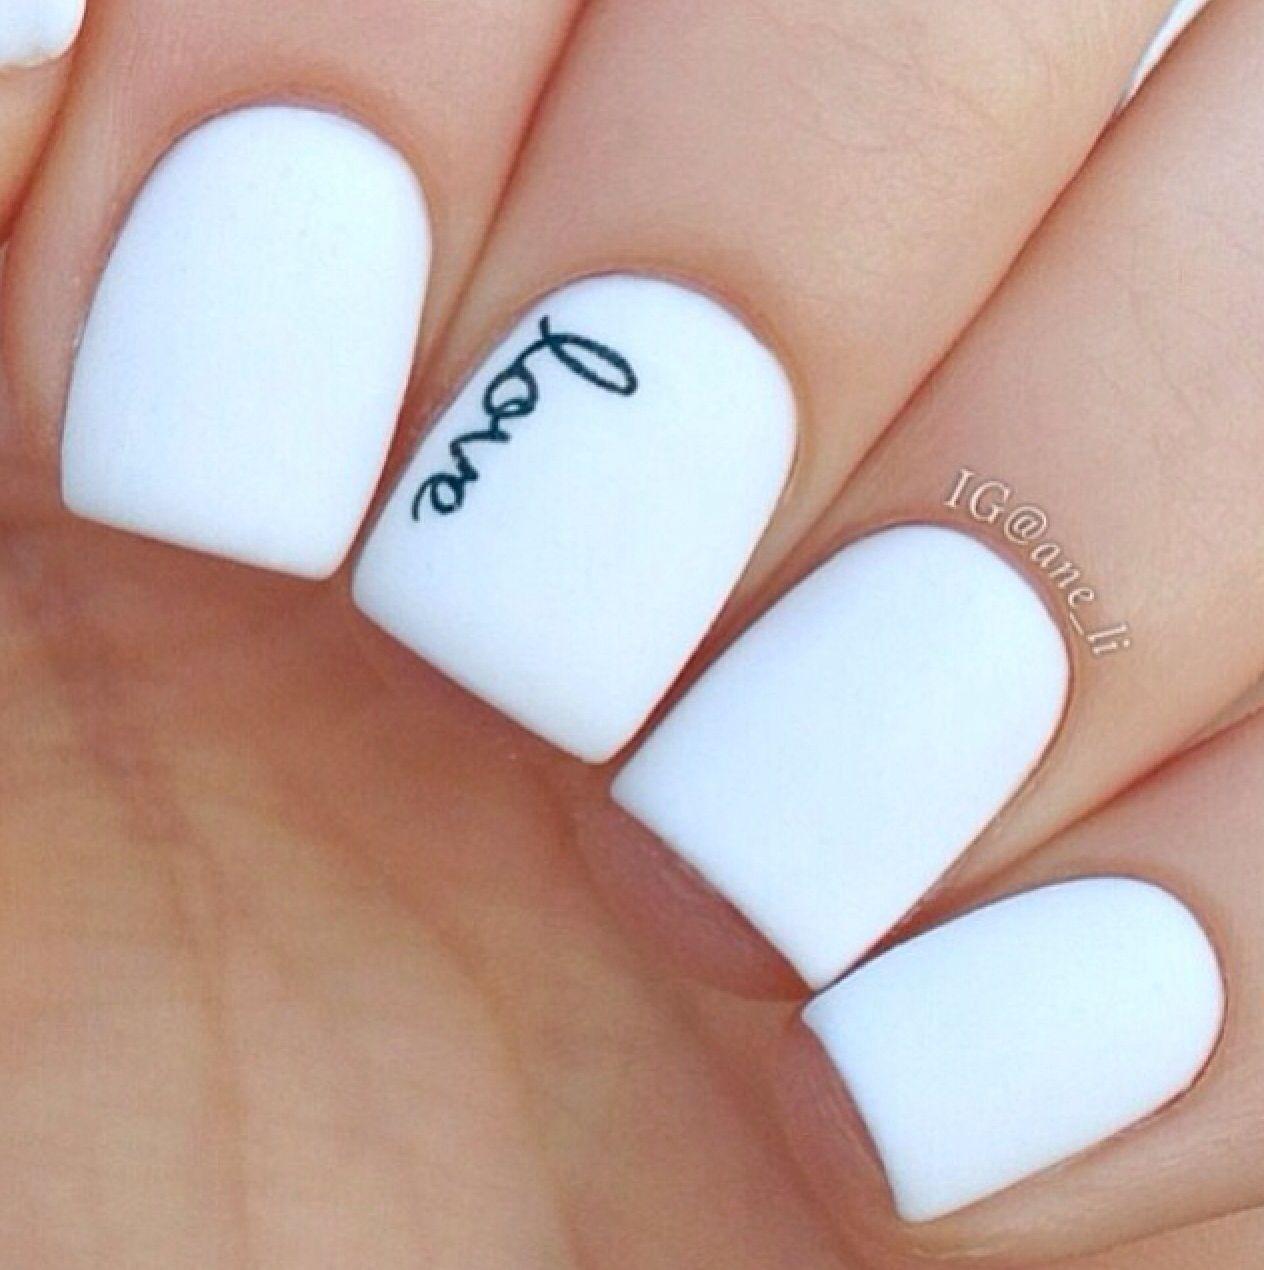 Branco | ❤ nails❤ | Pinterest | Esmalte, Arte de uñas y Uñas ...